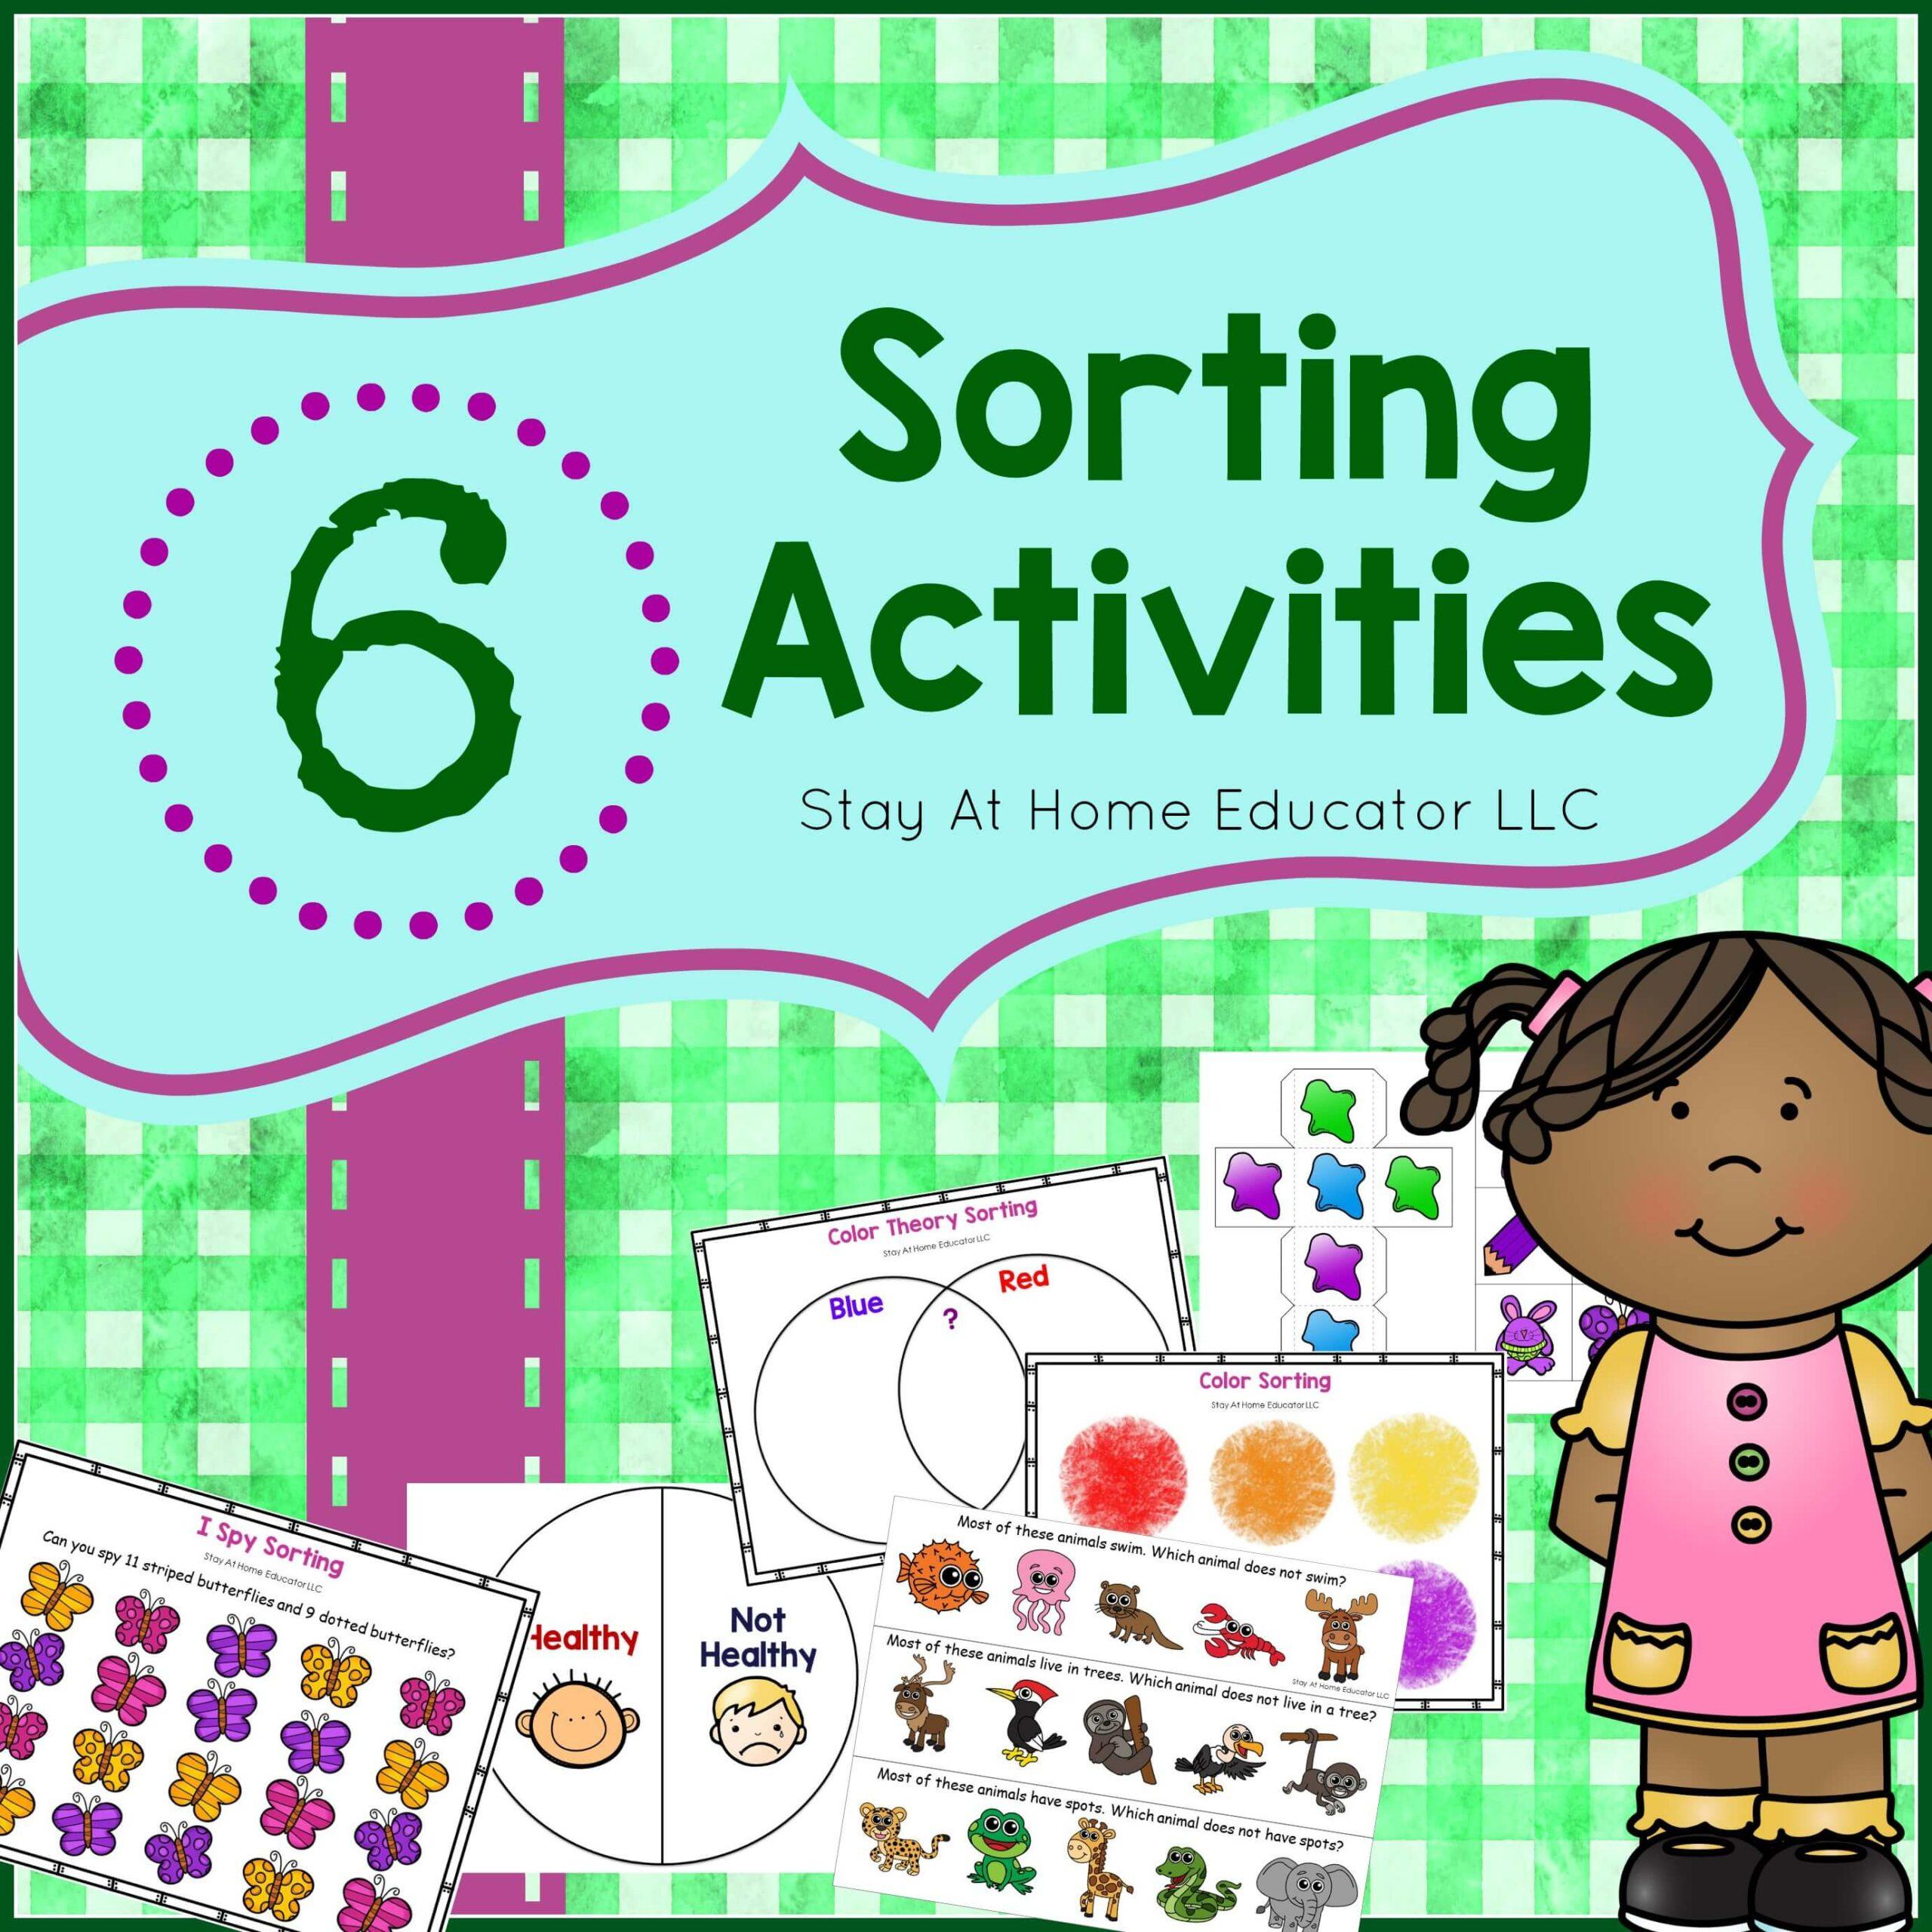 Preschool 6 SortingActivities for Preschoolers